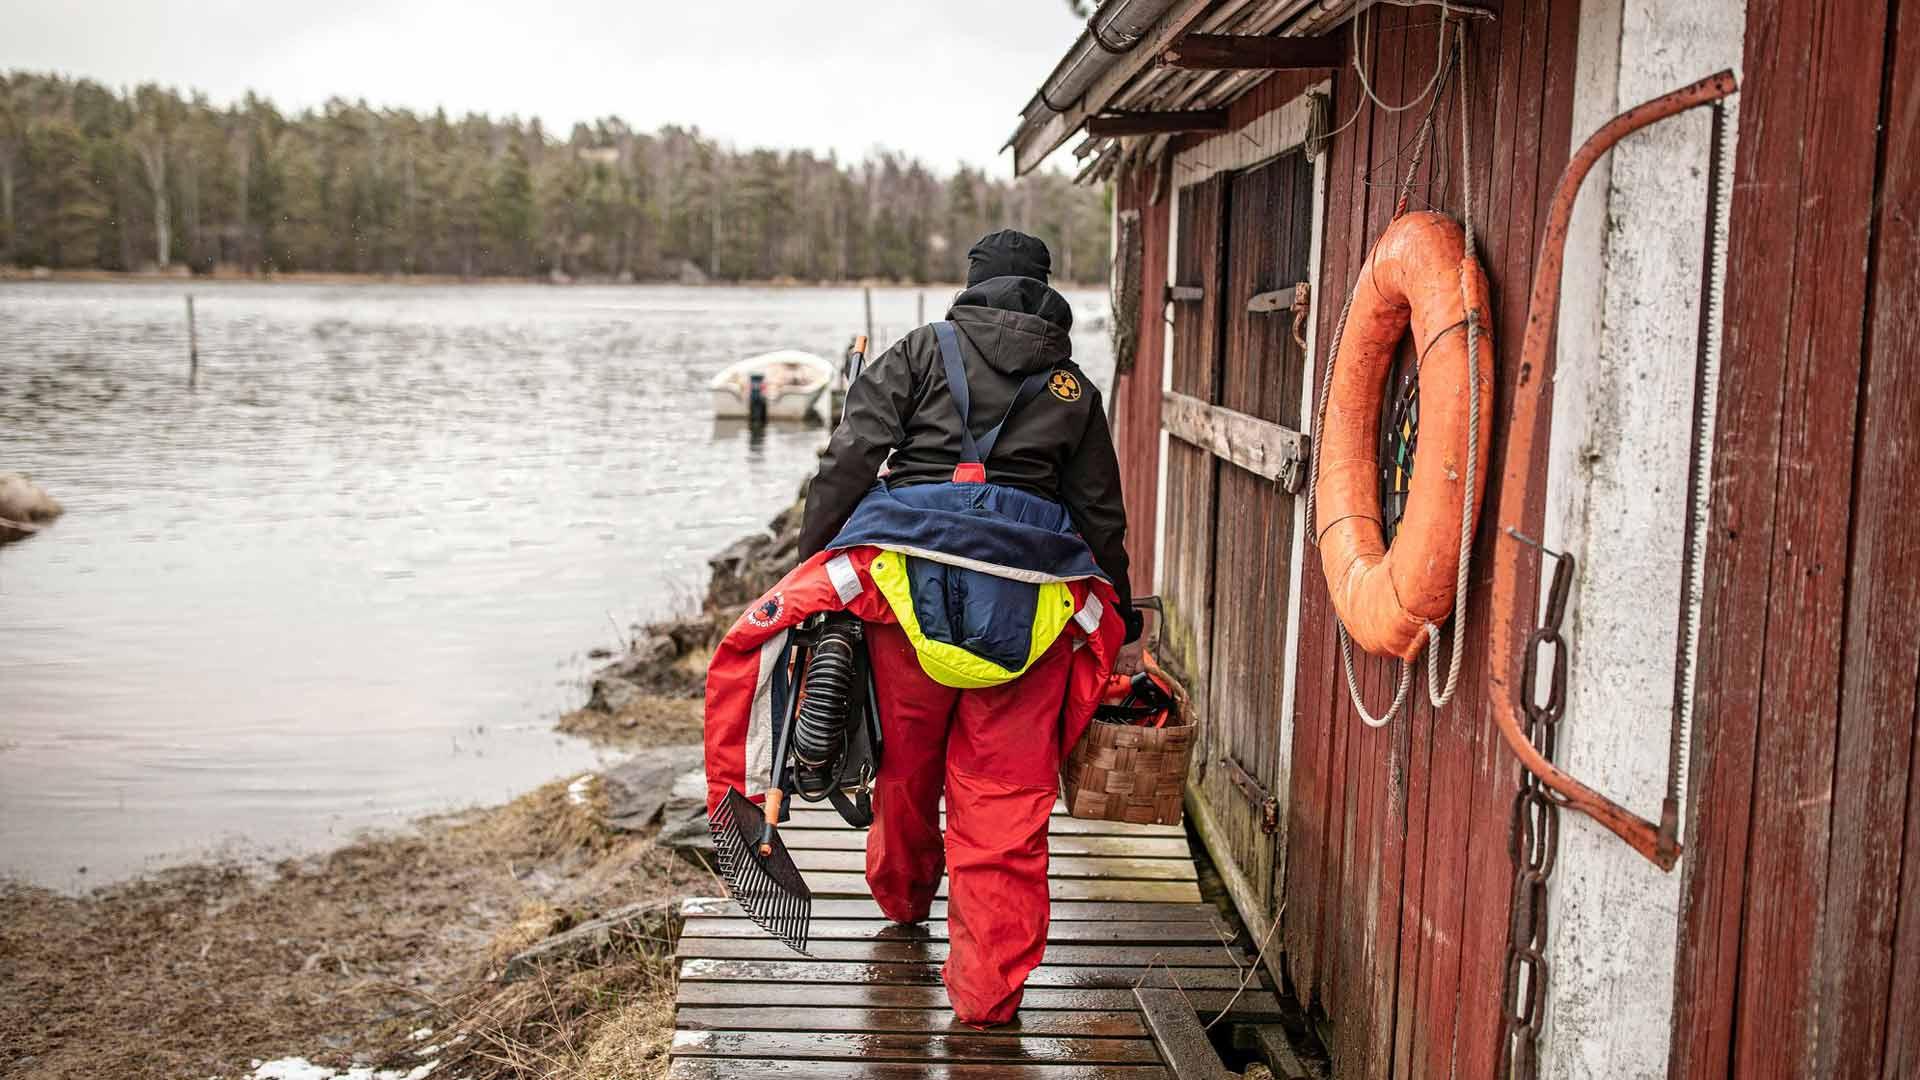 Päivän työt on tehty. Britt-Lis kantaa varusteet veneestä kotirannan vajaan.